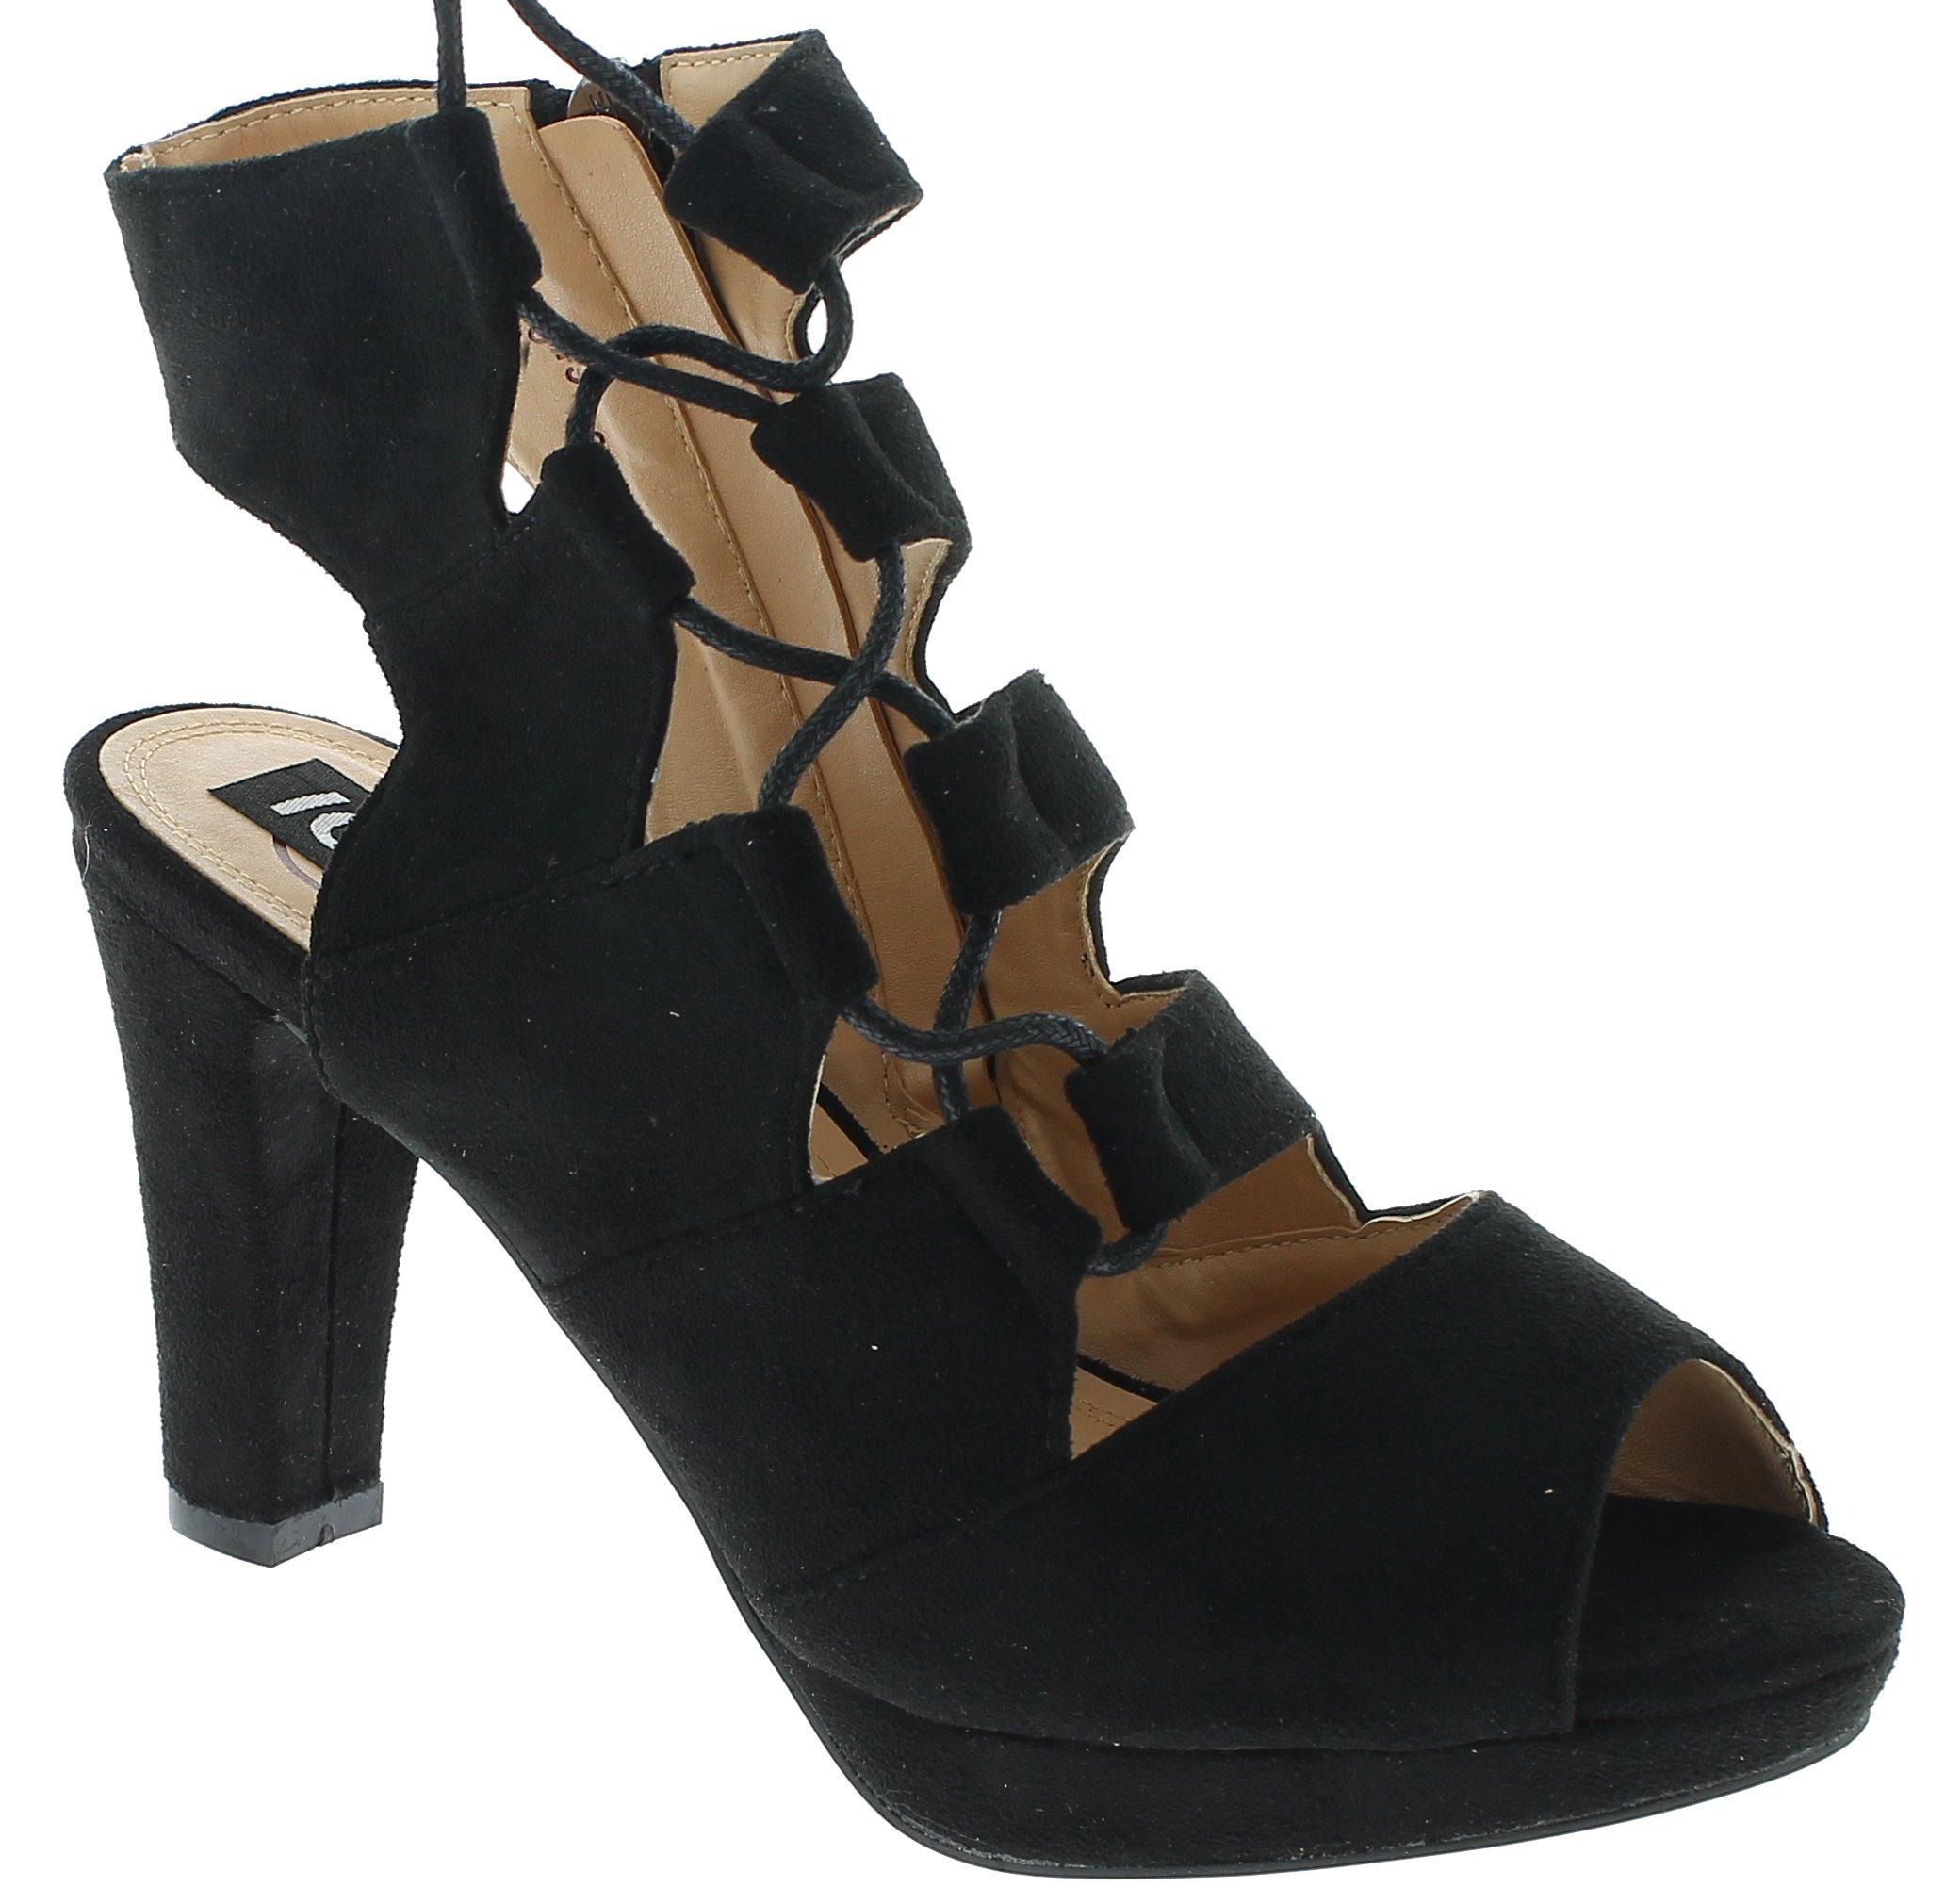 Πέδιλο Γυναικείο Y5519 Μαύρο - IqShoes - 18.Y5519 BLACK-38/1/15/11 παπούτσια  γυναικεία σανδάλια   πέδιλα